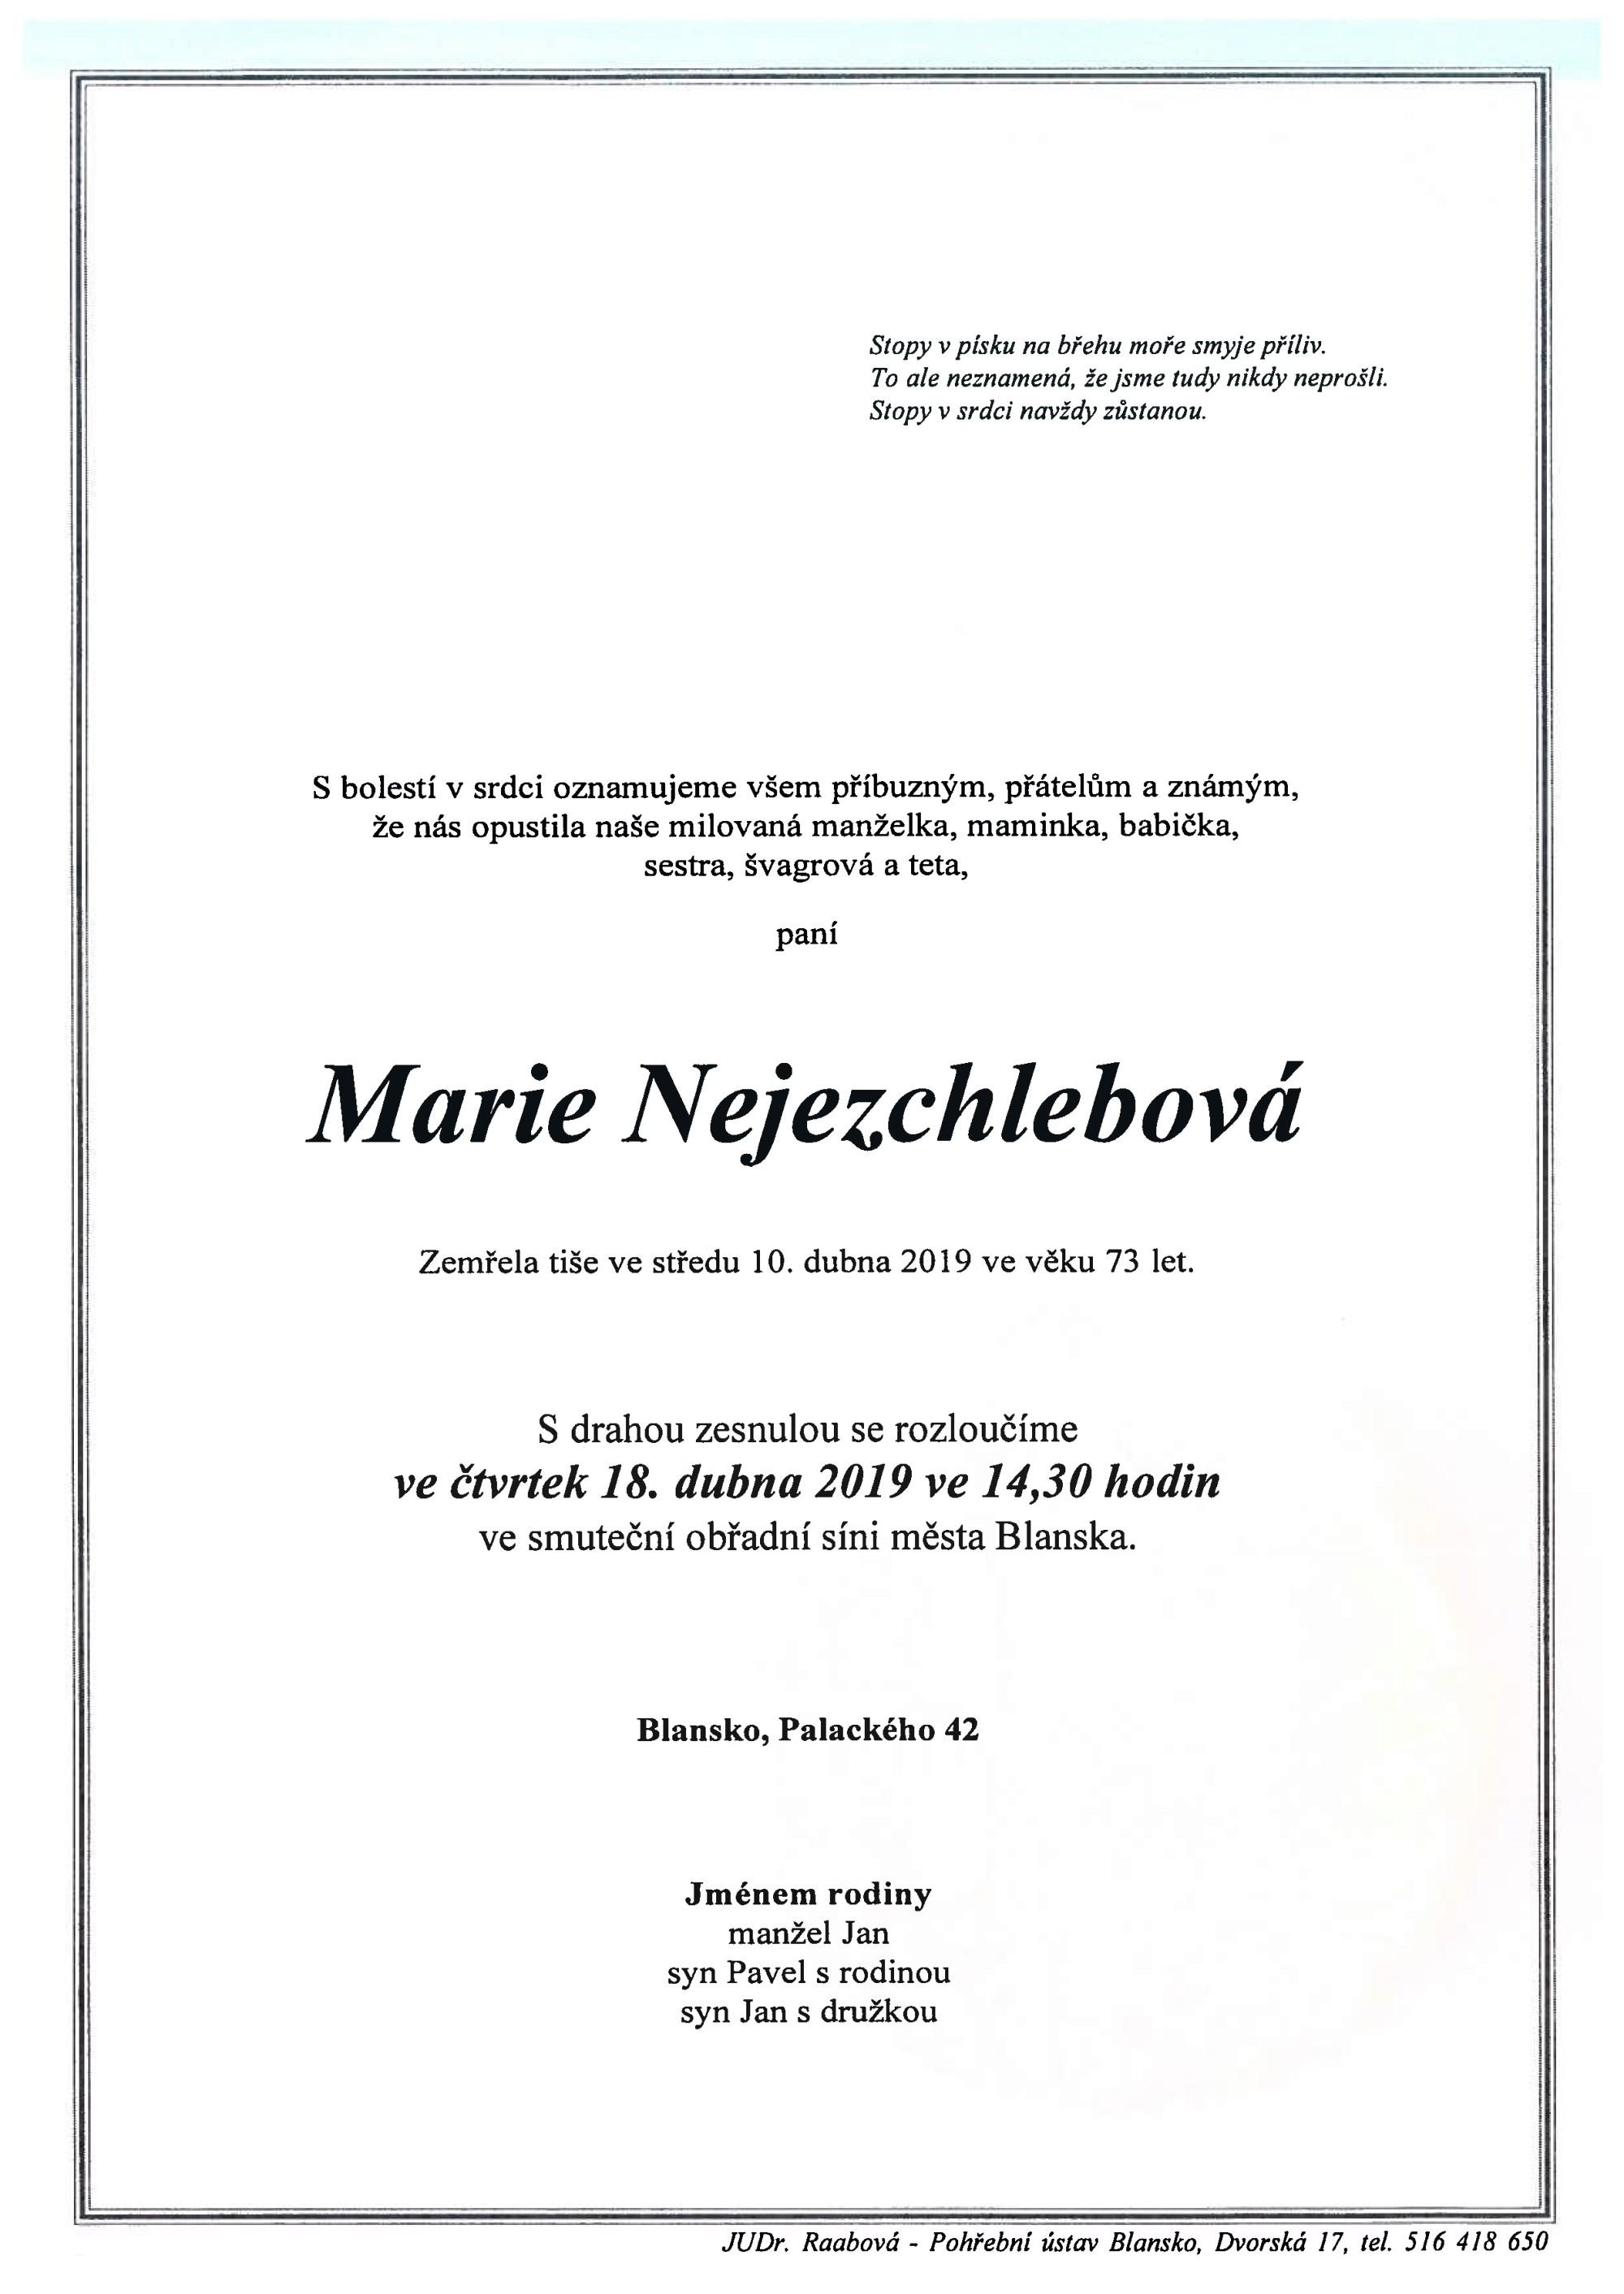 Marie Nejezchlebová